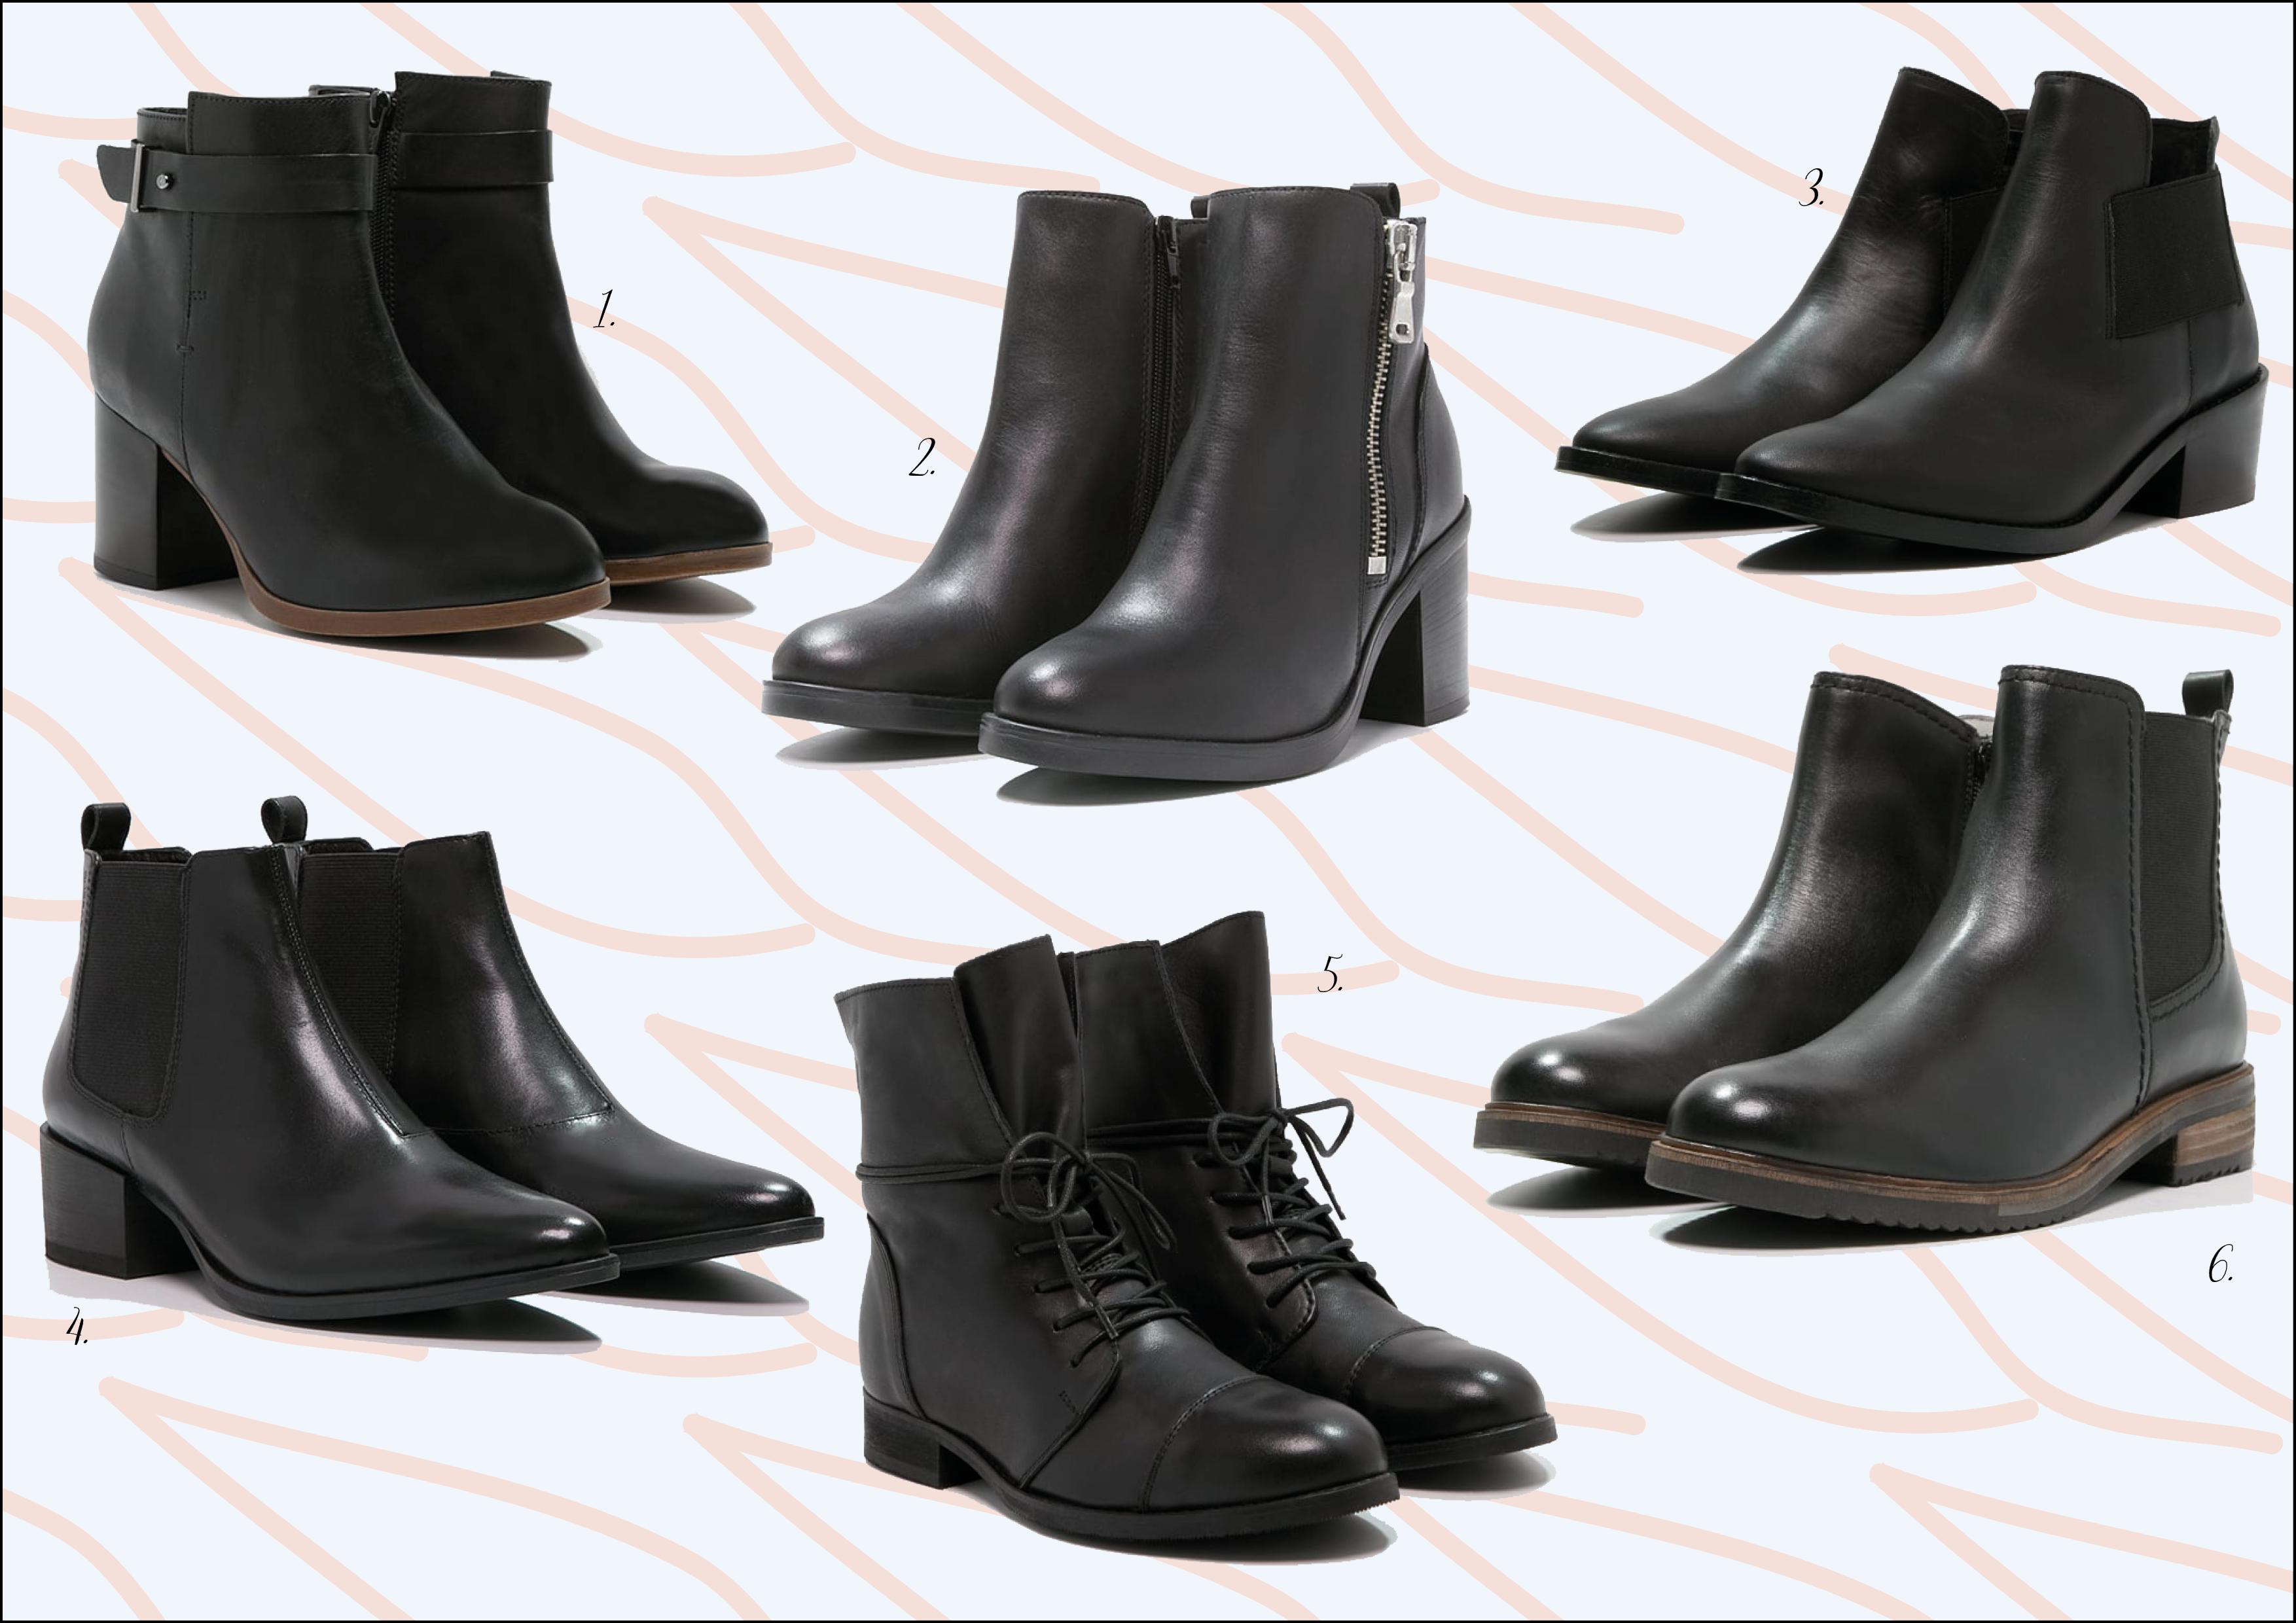 Buty damskie sznurowne w Zalando rozwiążą Twój problem